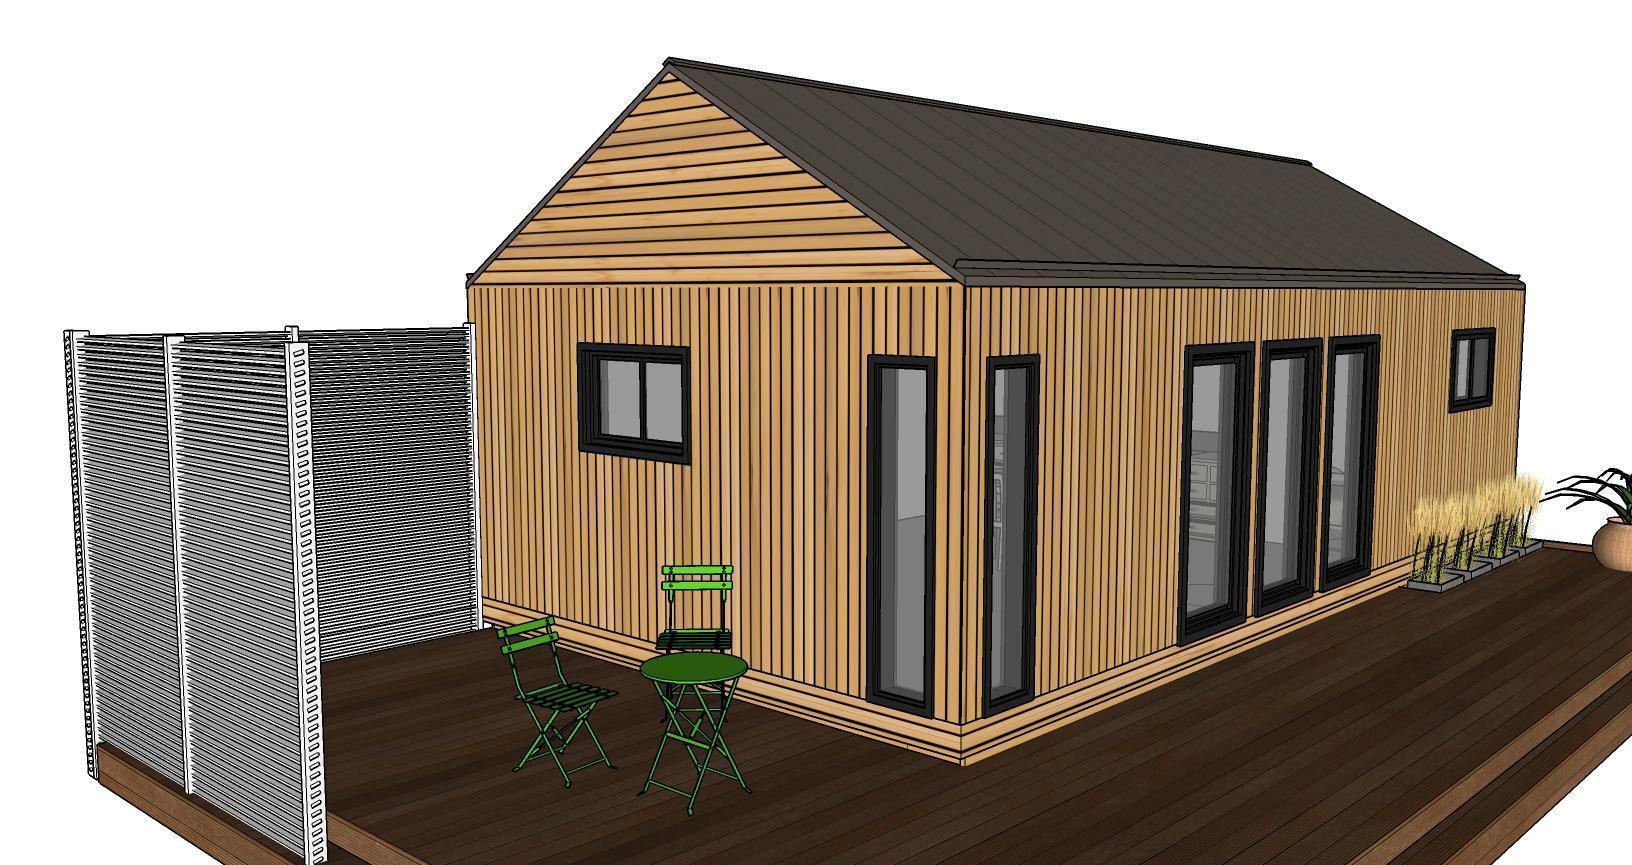 annexe maison bois cette maison type ressemble la prcdente la diffrence essentielle tant. Black Bedroom Furniture Sets. Home Design Ideas